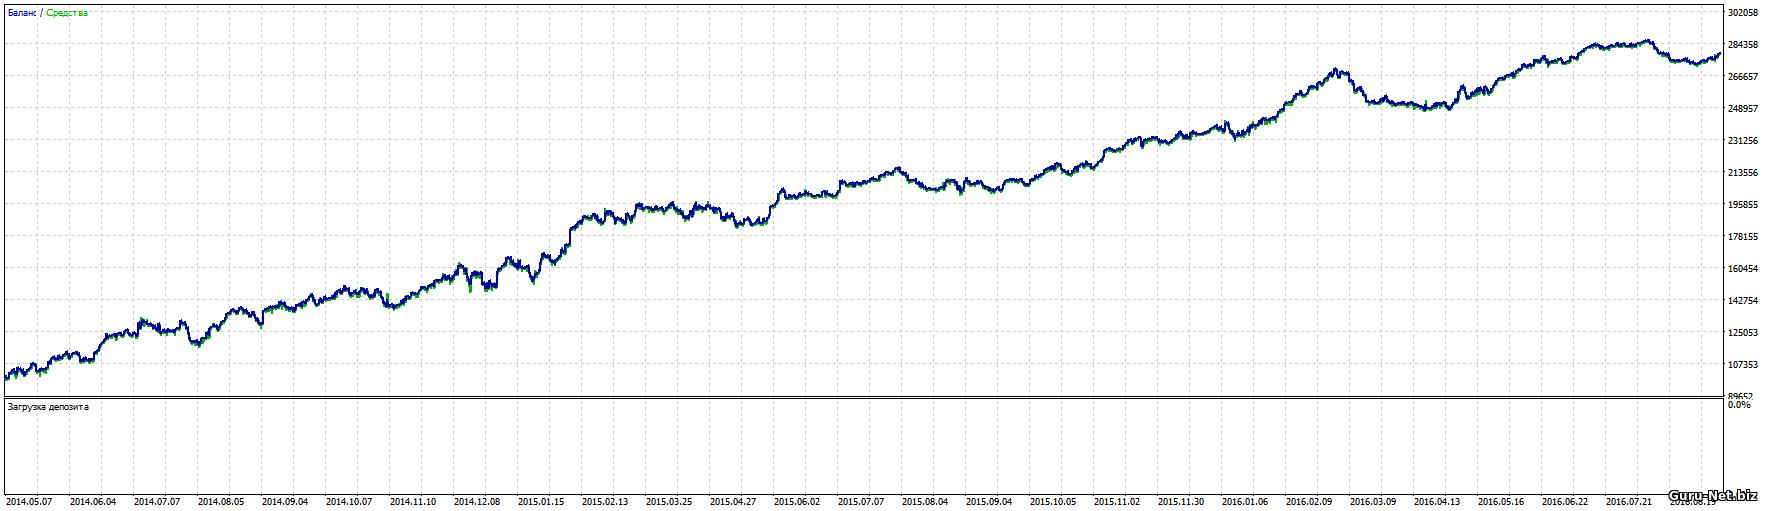 График доходности для фьючерса на индекс РТС